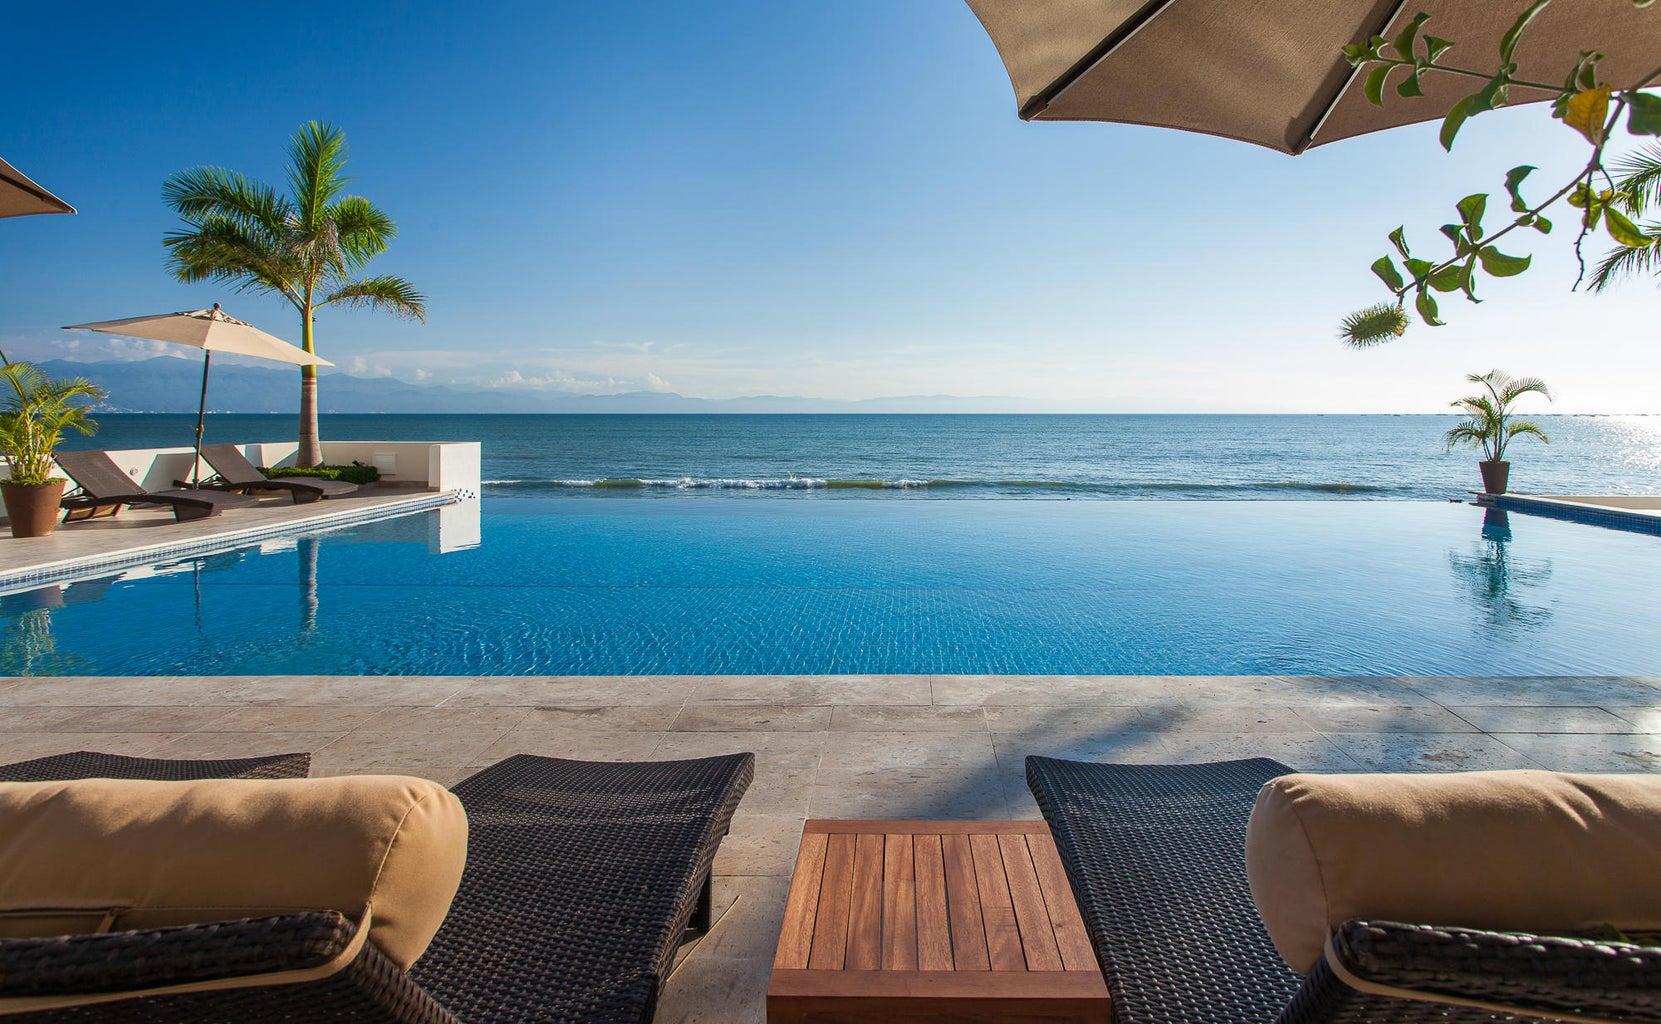 Pool/ ocean view